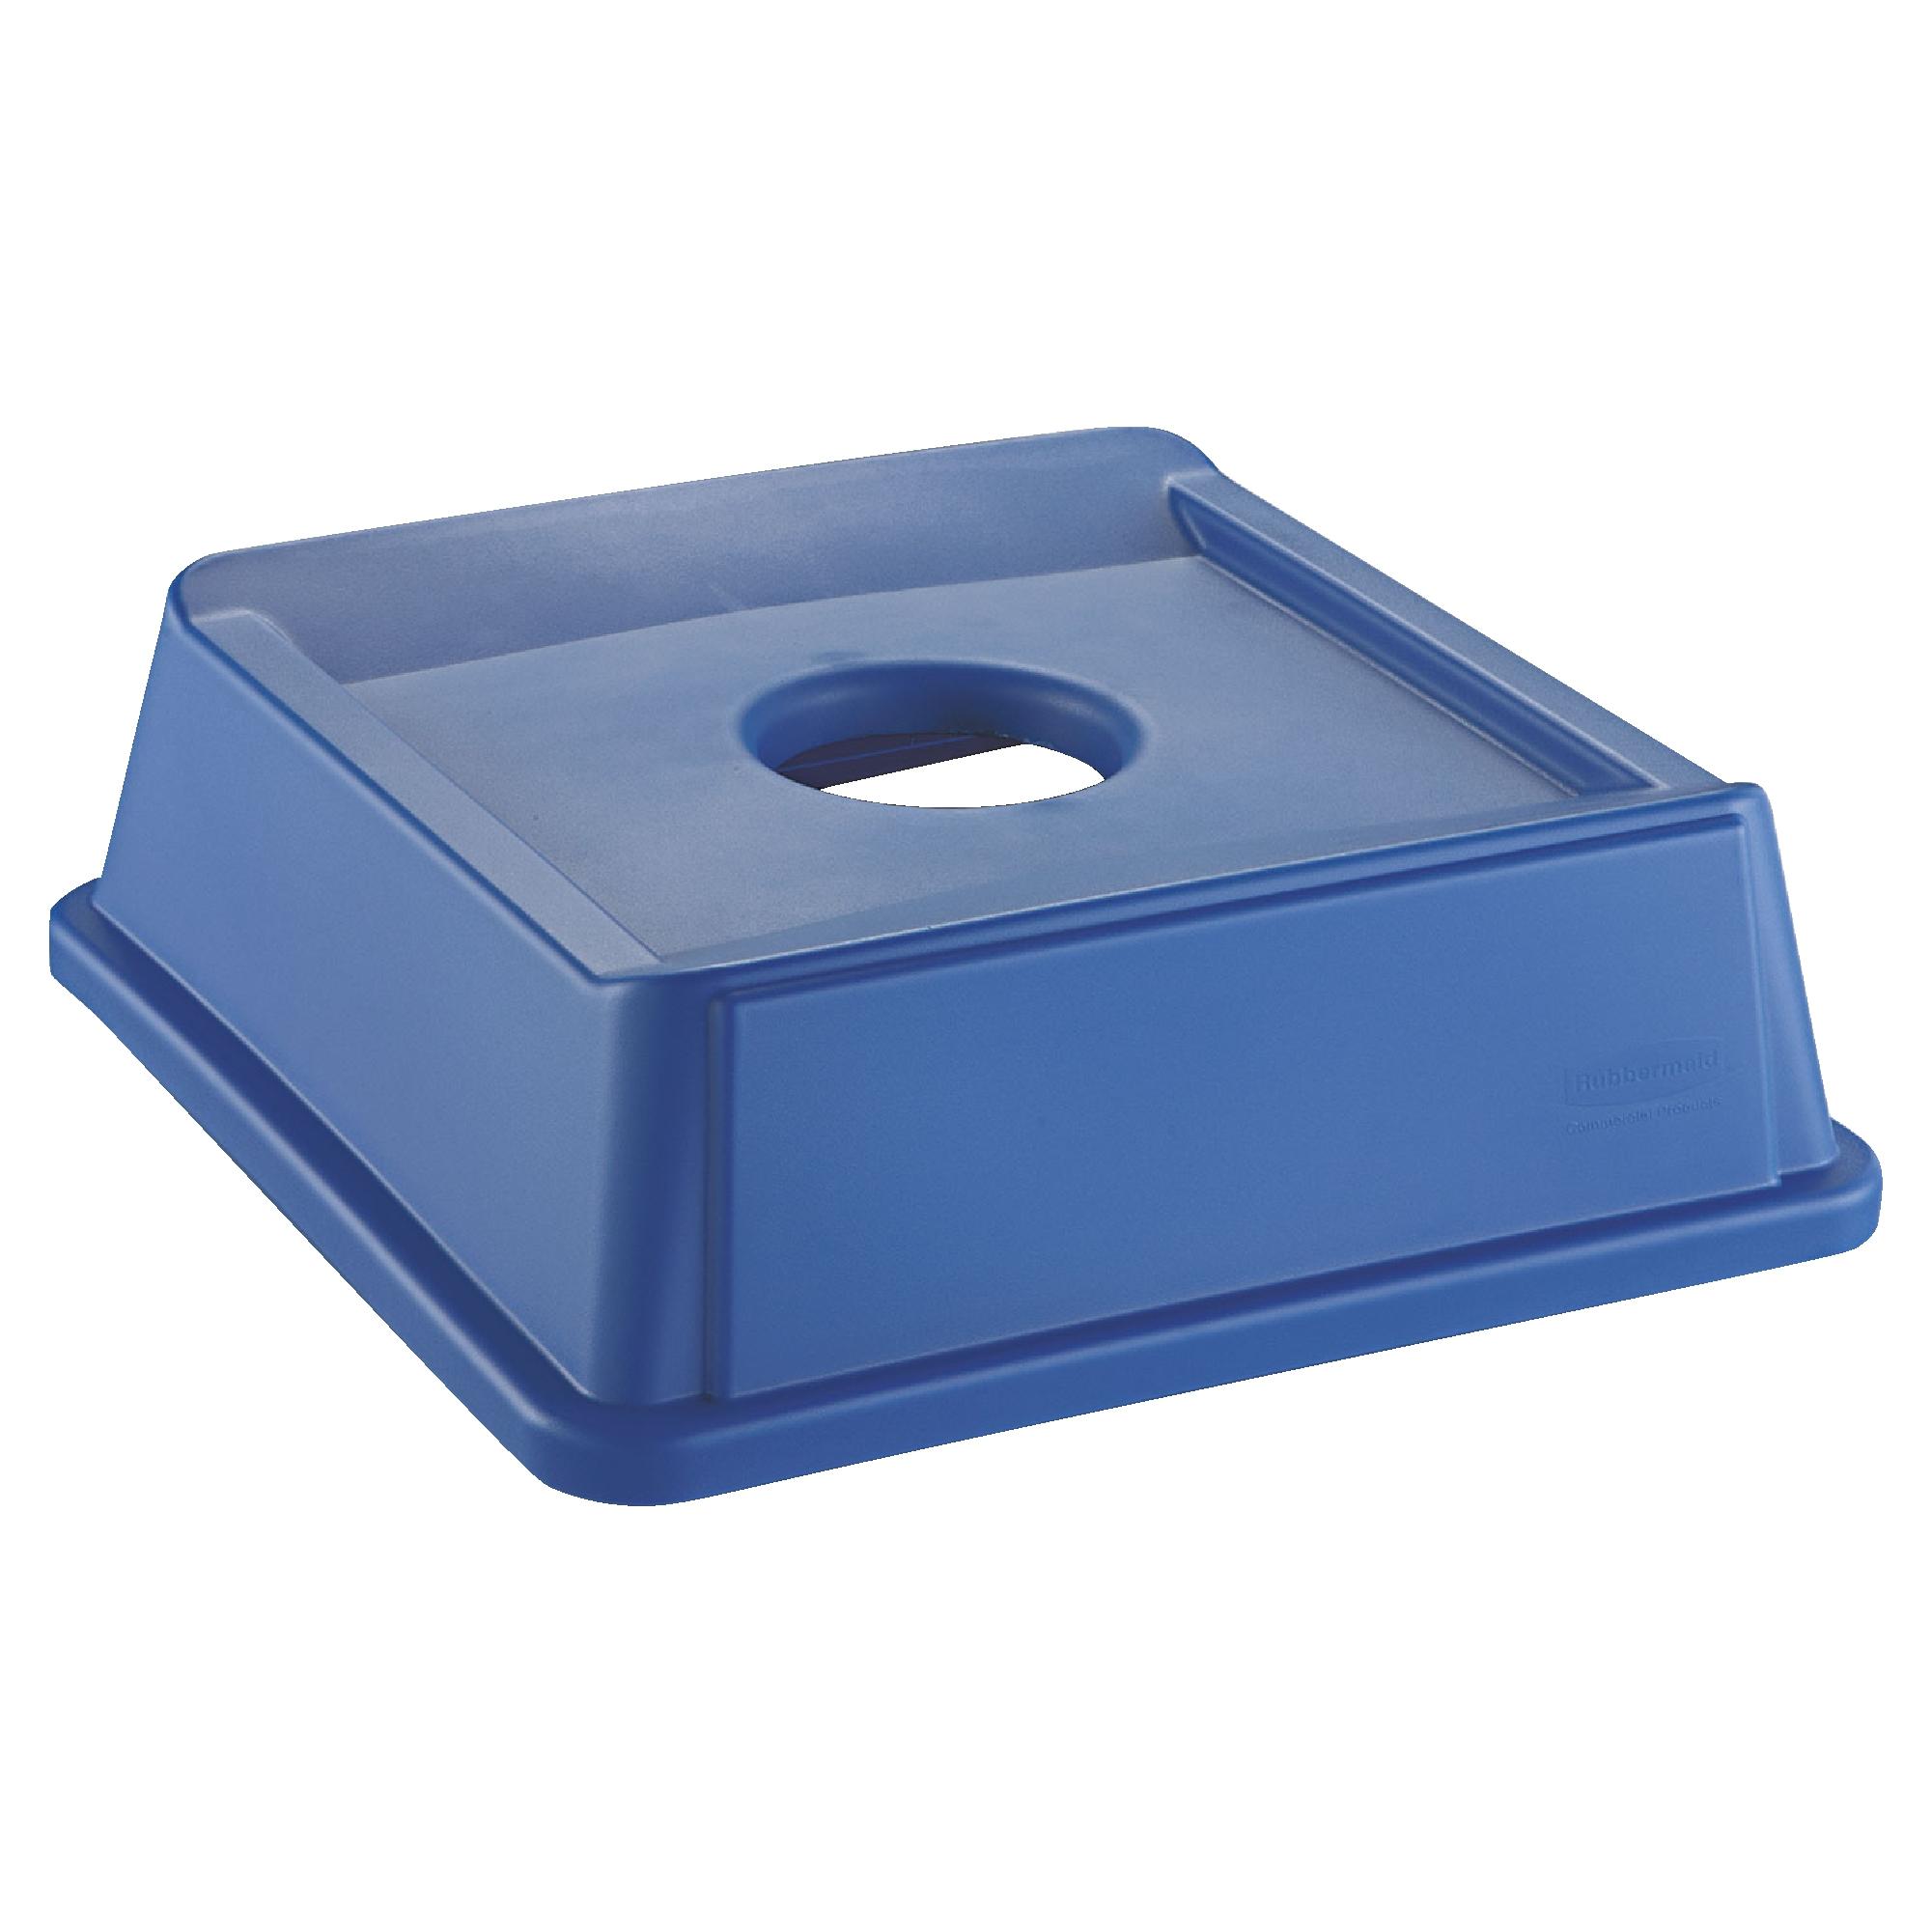 Rubbermaid FG279100DBLUE tapa untouchable color azul de reciclaje para botellas, aplica contenedor FG395873 y FG395973 1